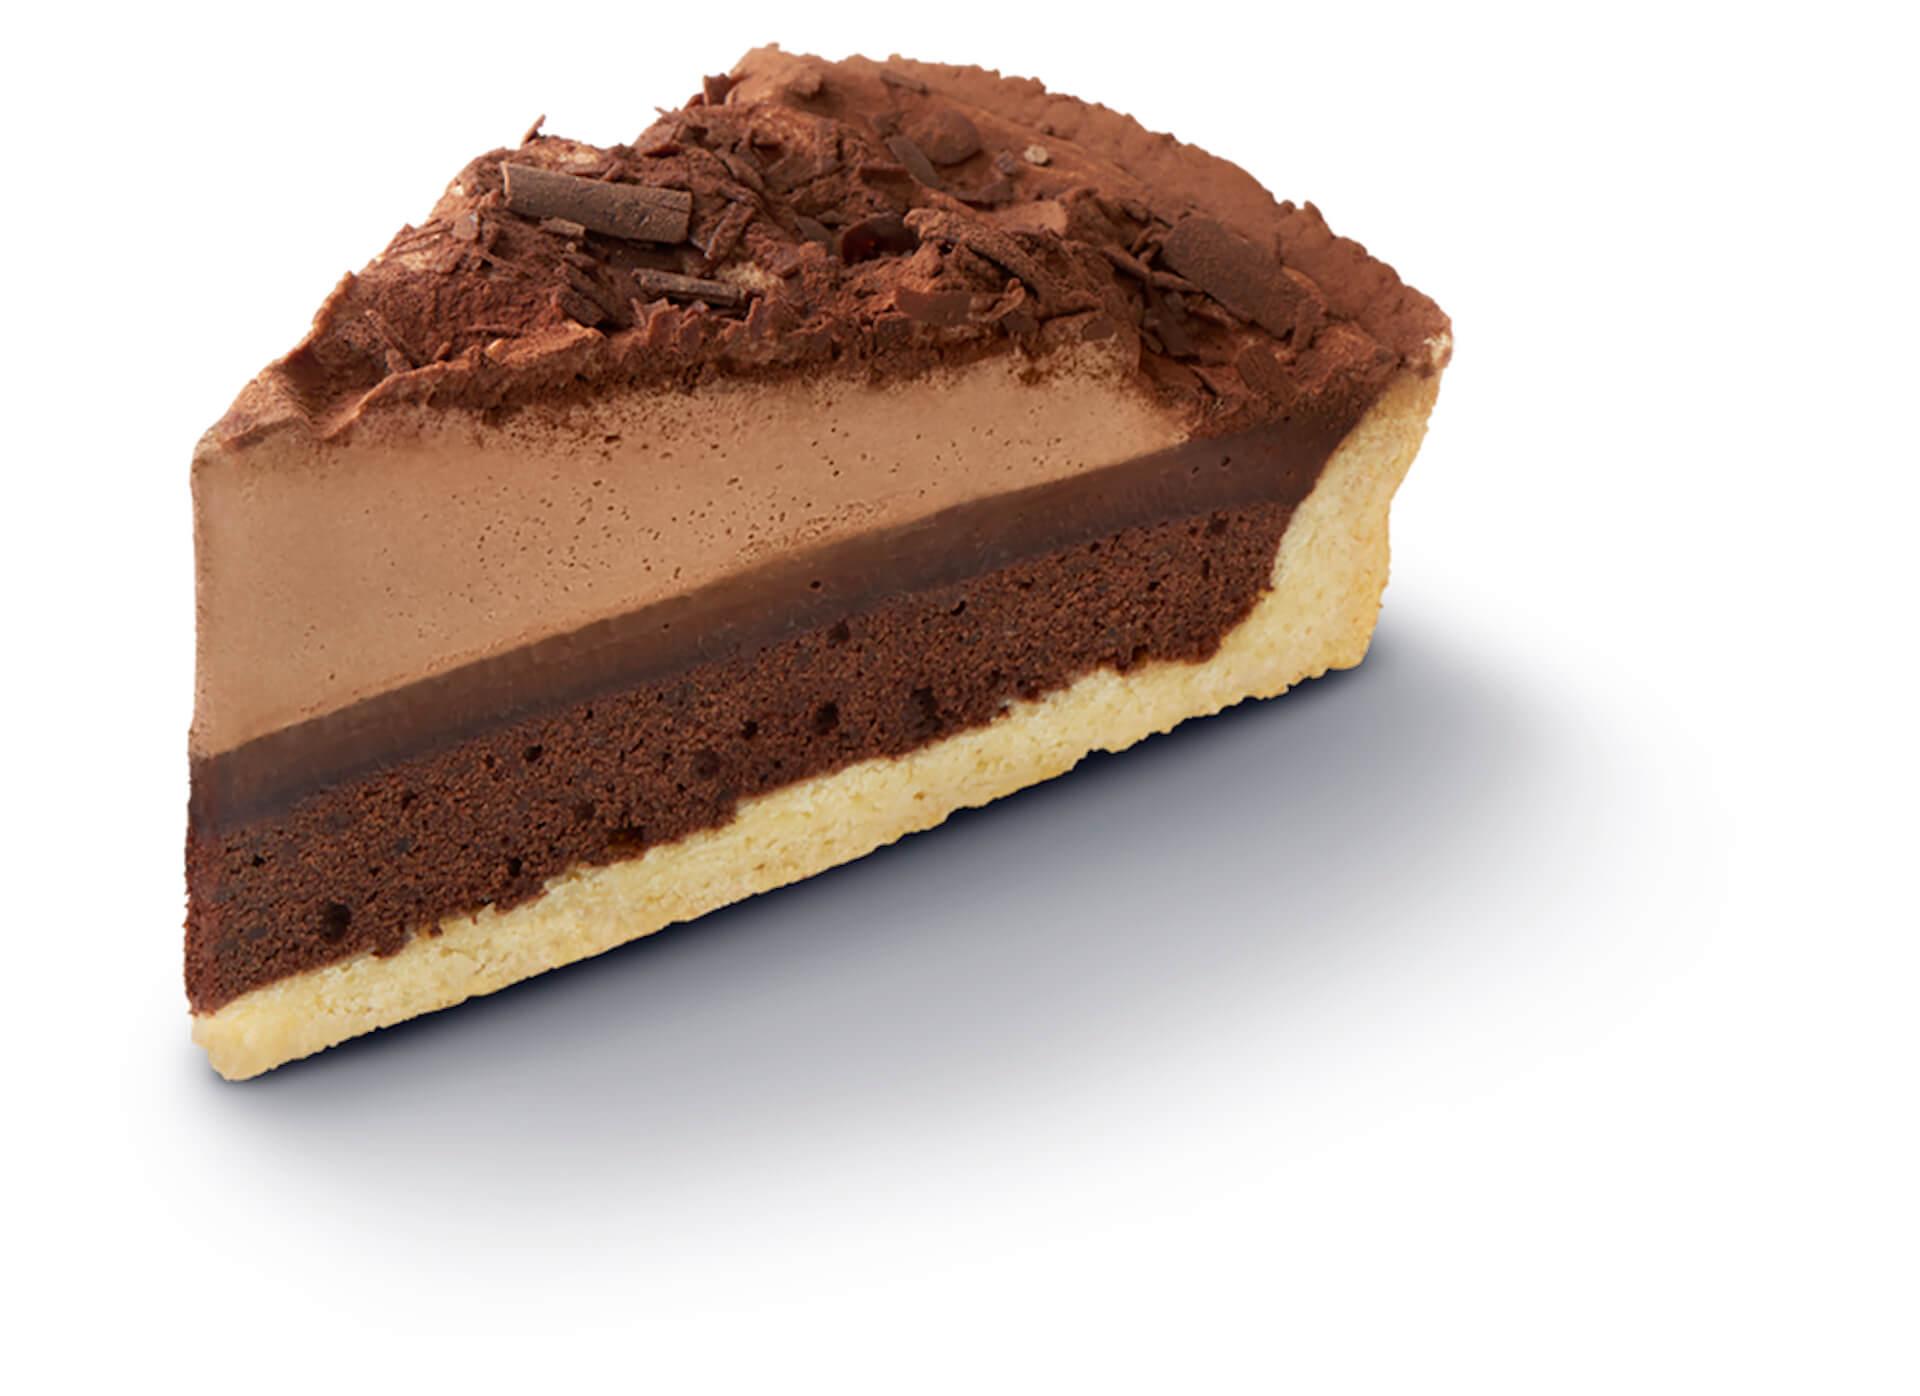 マクドナルドからオレオとのコラボチーズケーキ「オレオ クッキー チーズケーキ」が期間限定発売決定!500円のケーキセットも gourmet210317_mcdonald_oreo_3